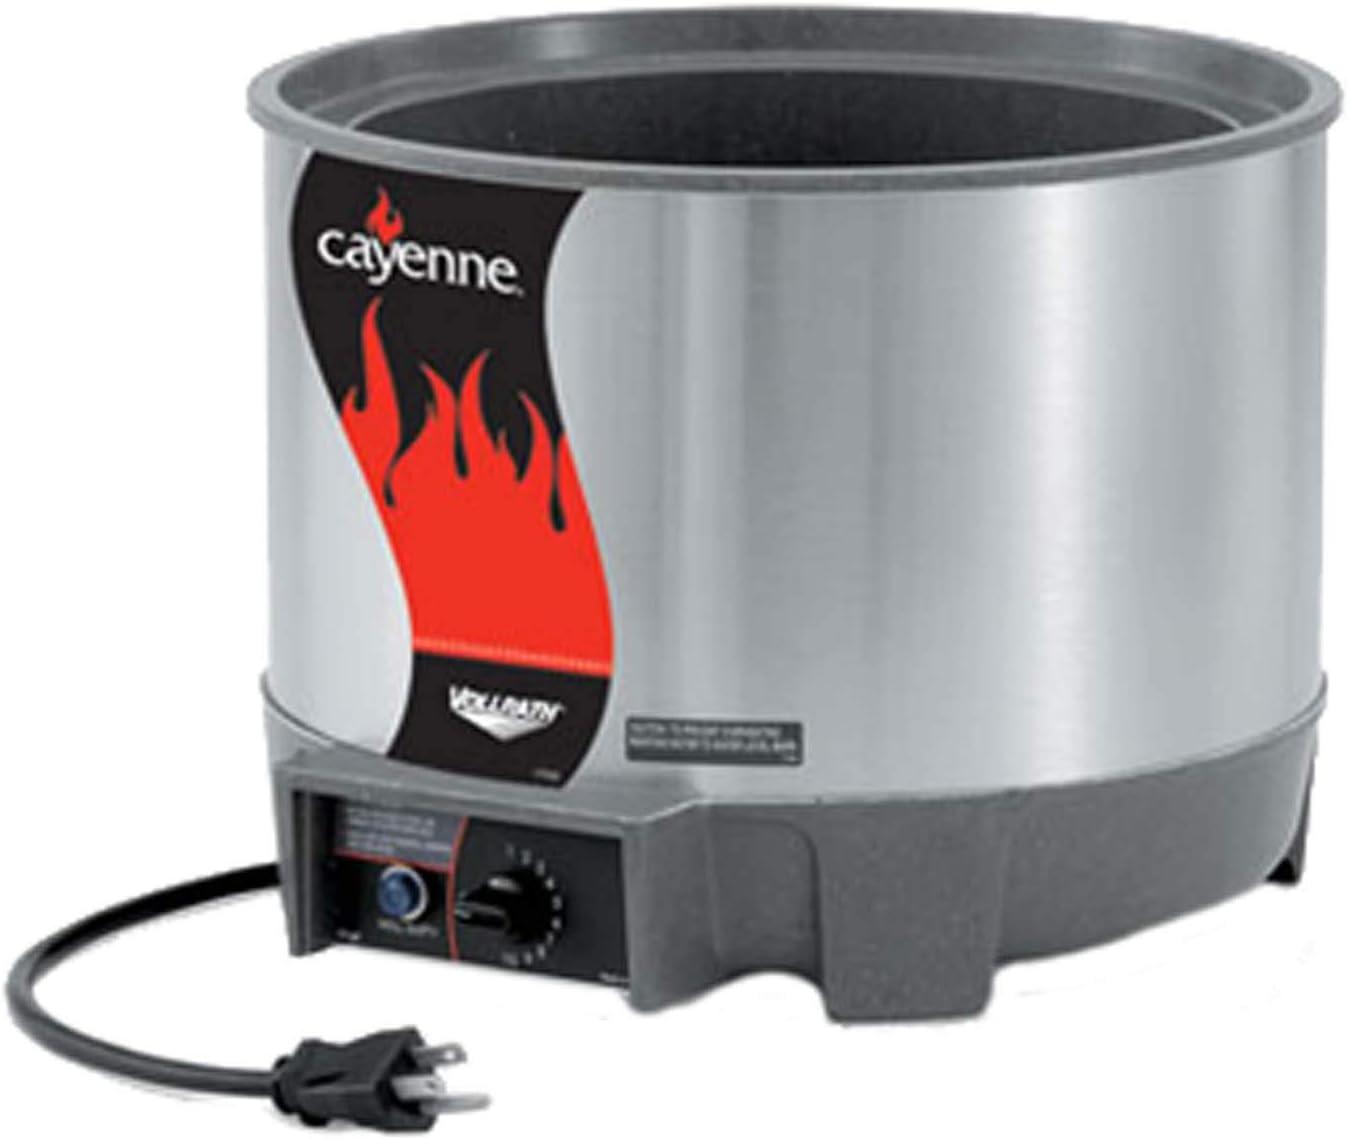 Vollrath Cayenne 11 qt. Round Heat 'N Serve Food Warmer